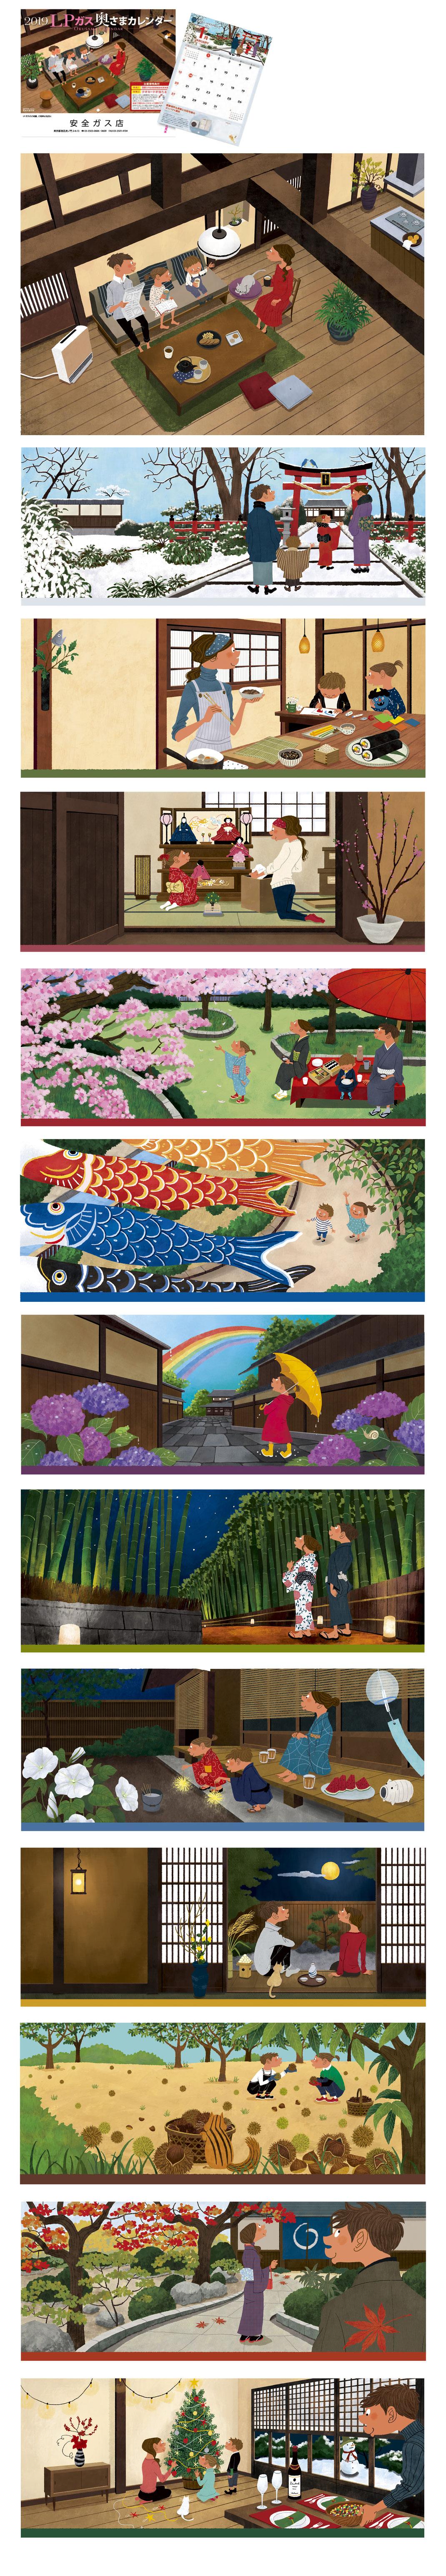 和の雰囲気と季節感のある4人家族のカレンダーイラスト